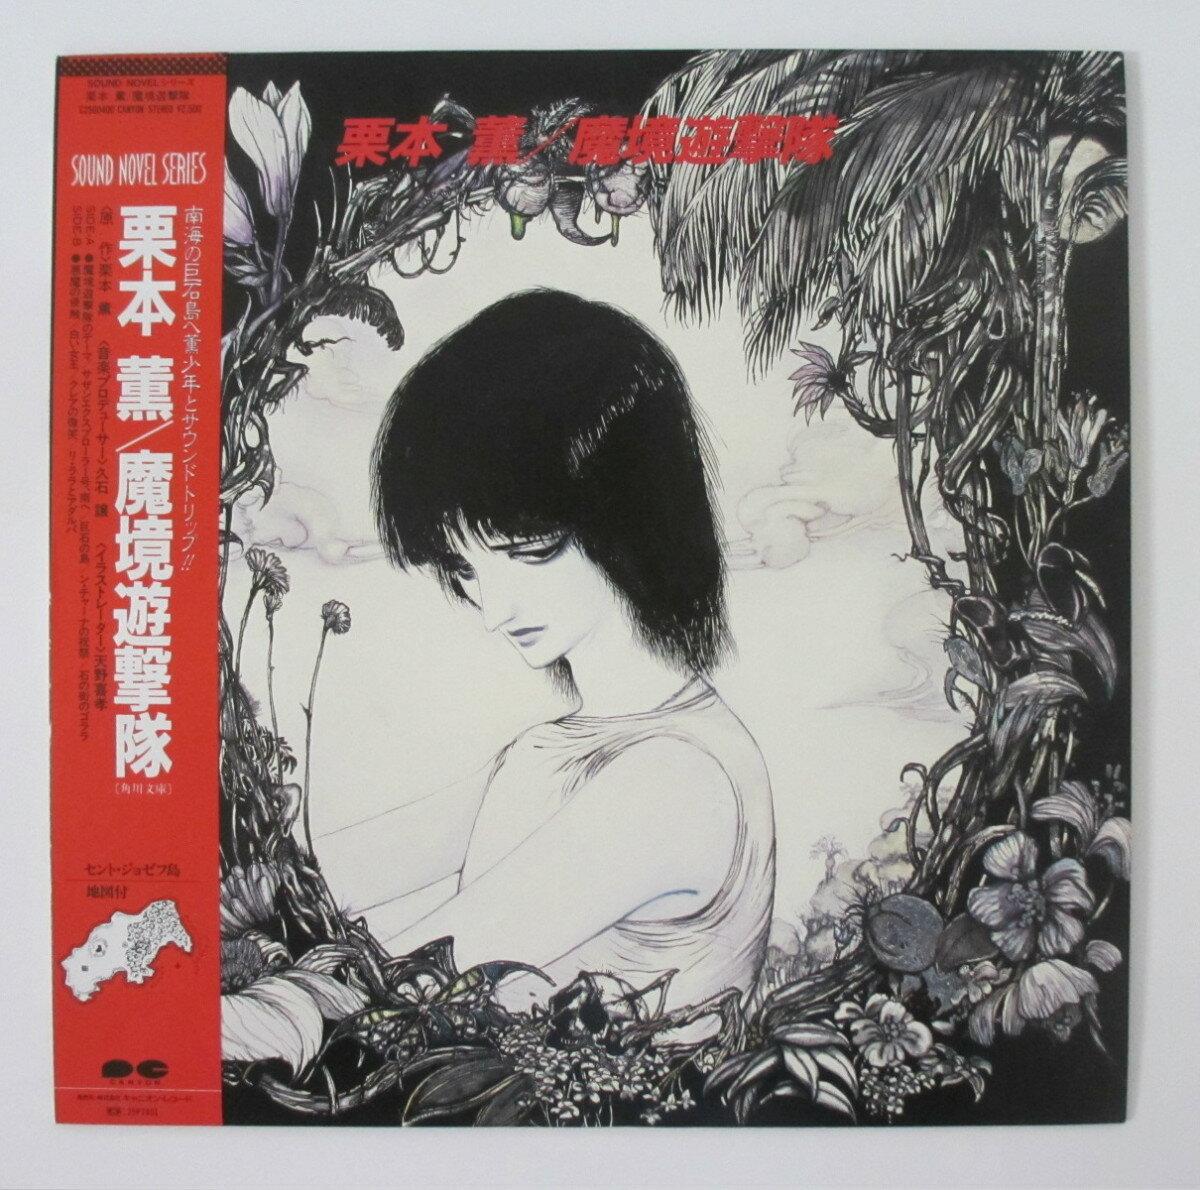 【中古レコード】栗本薫/魔境遊撃隊